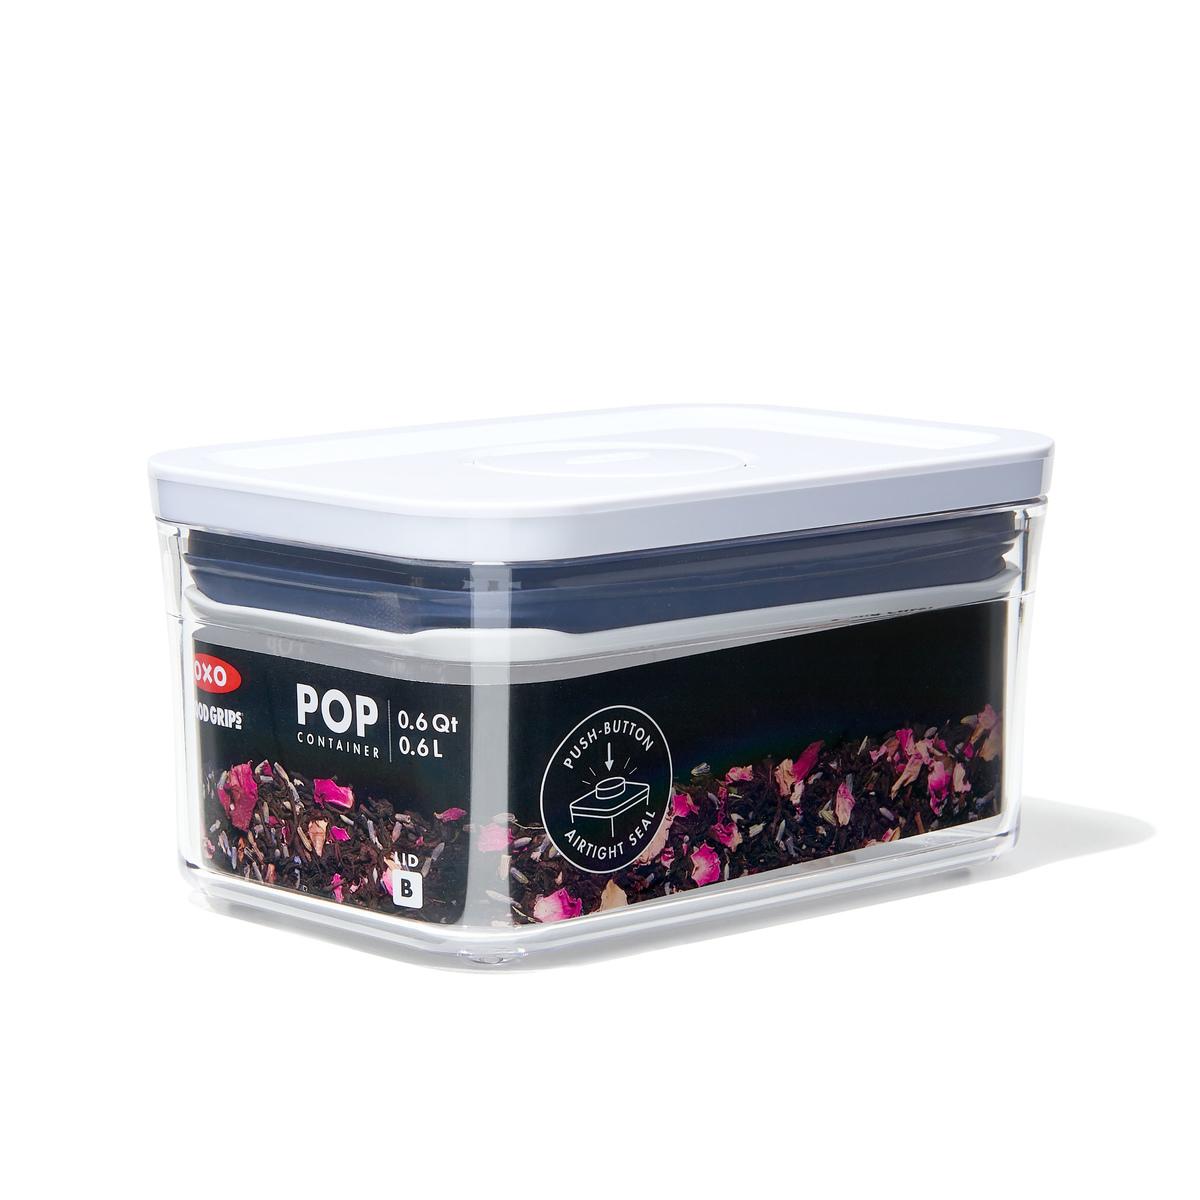 Емкость для хранения с всплывающей кнопкой OXO FOOD STORAGE, 16х10,5х8 см, объем 0,6 л, прозрачный OXO 11234700 фото 6